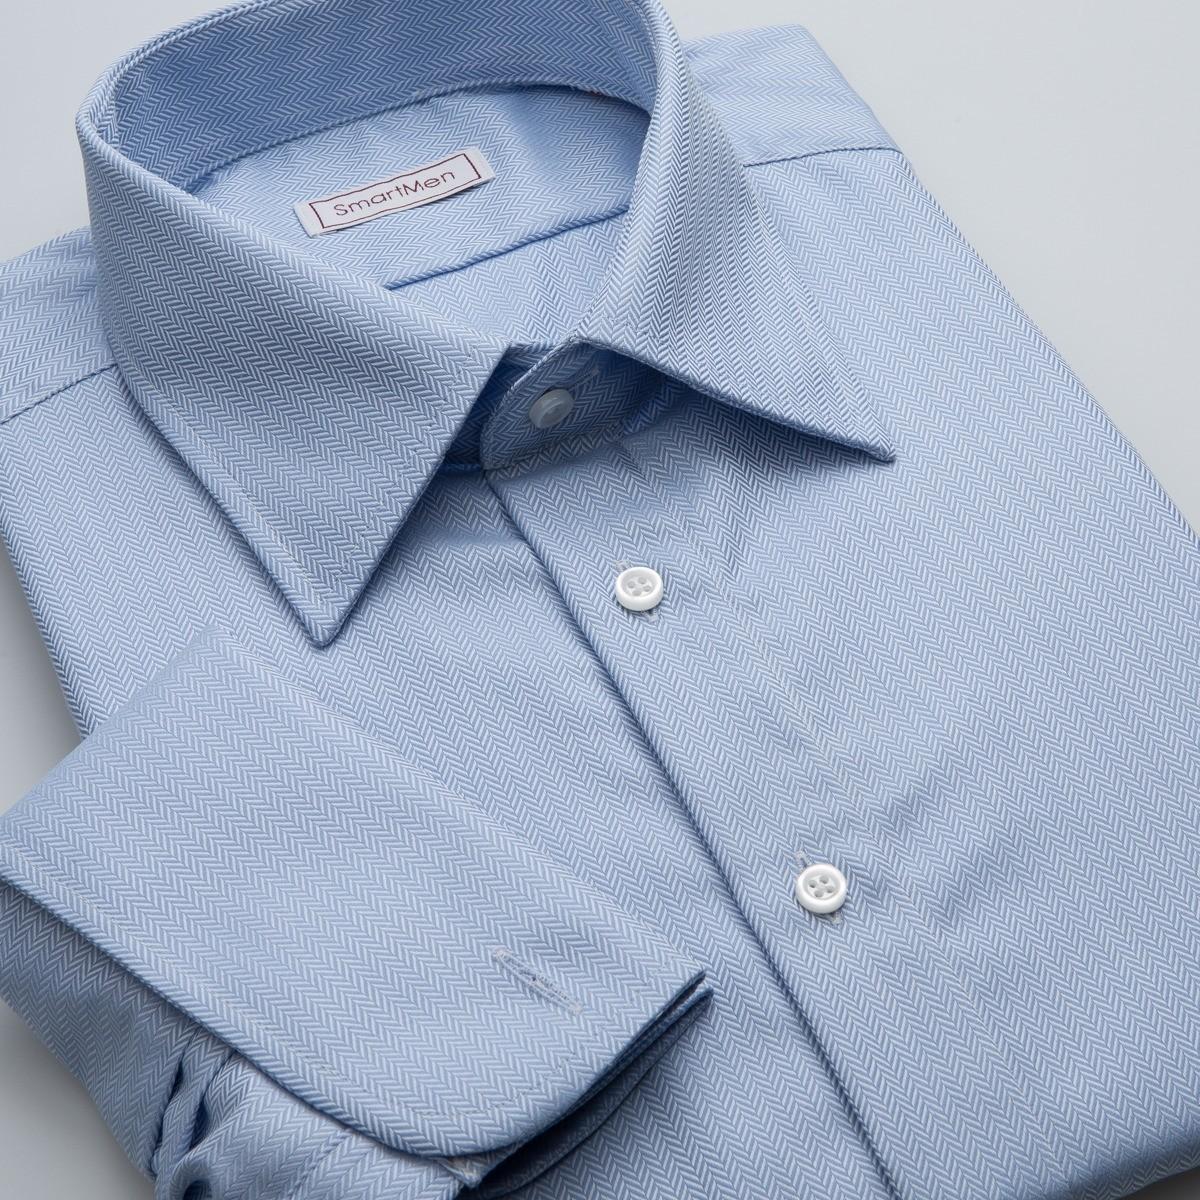 4cdb300ce112 Luxusná pánska košeľa nebesky modrá na manžetové gombíky